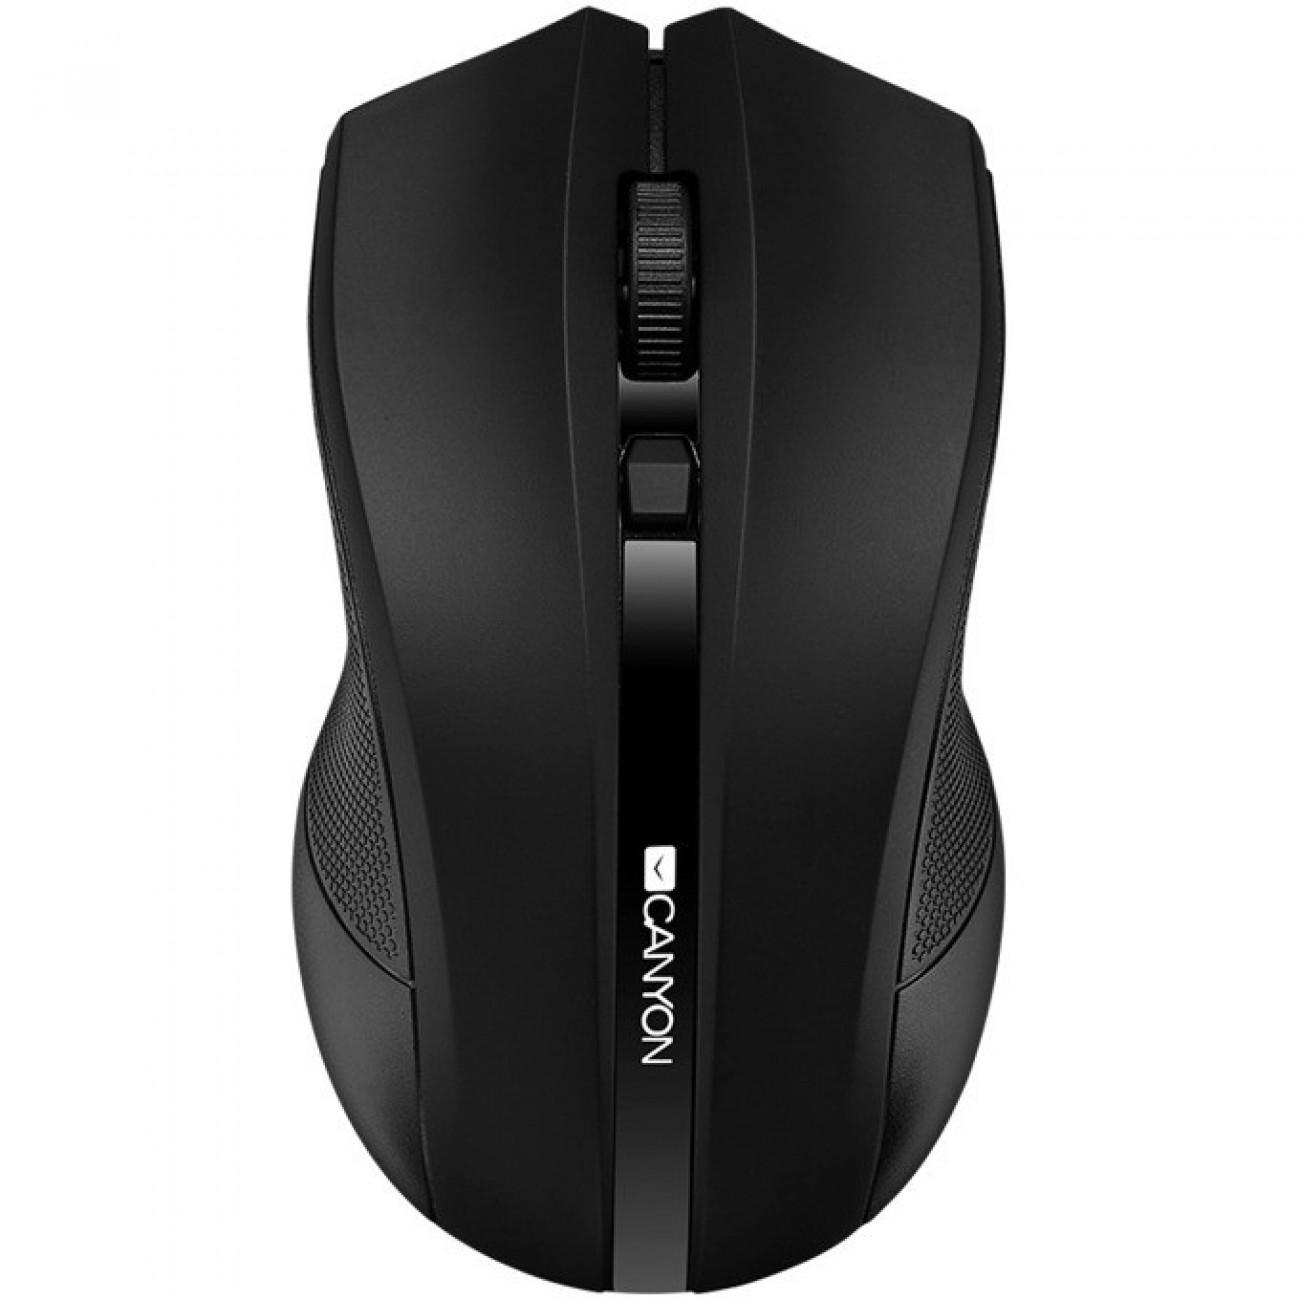 Мишка Canyon CNE-CMSW05B, оптична (1600 dpi), безжична, USB, черна в Мишки - Canyon | Alleop